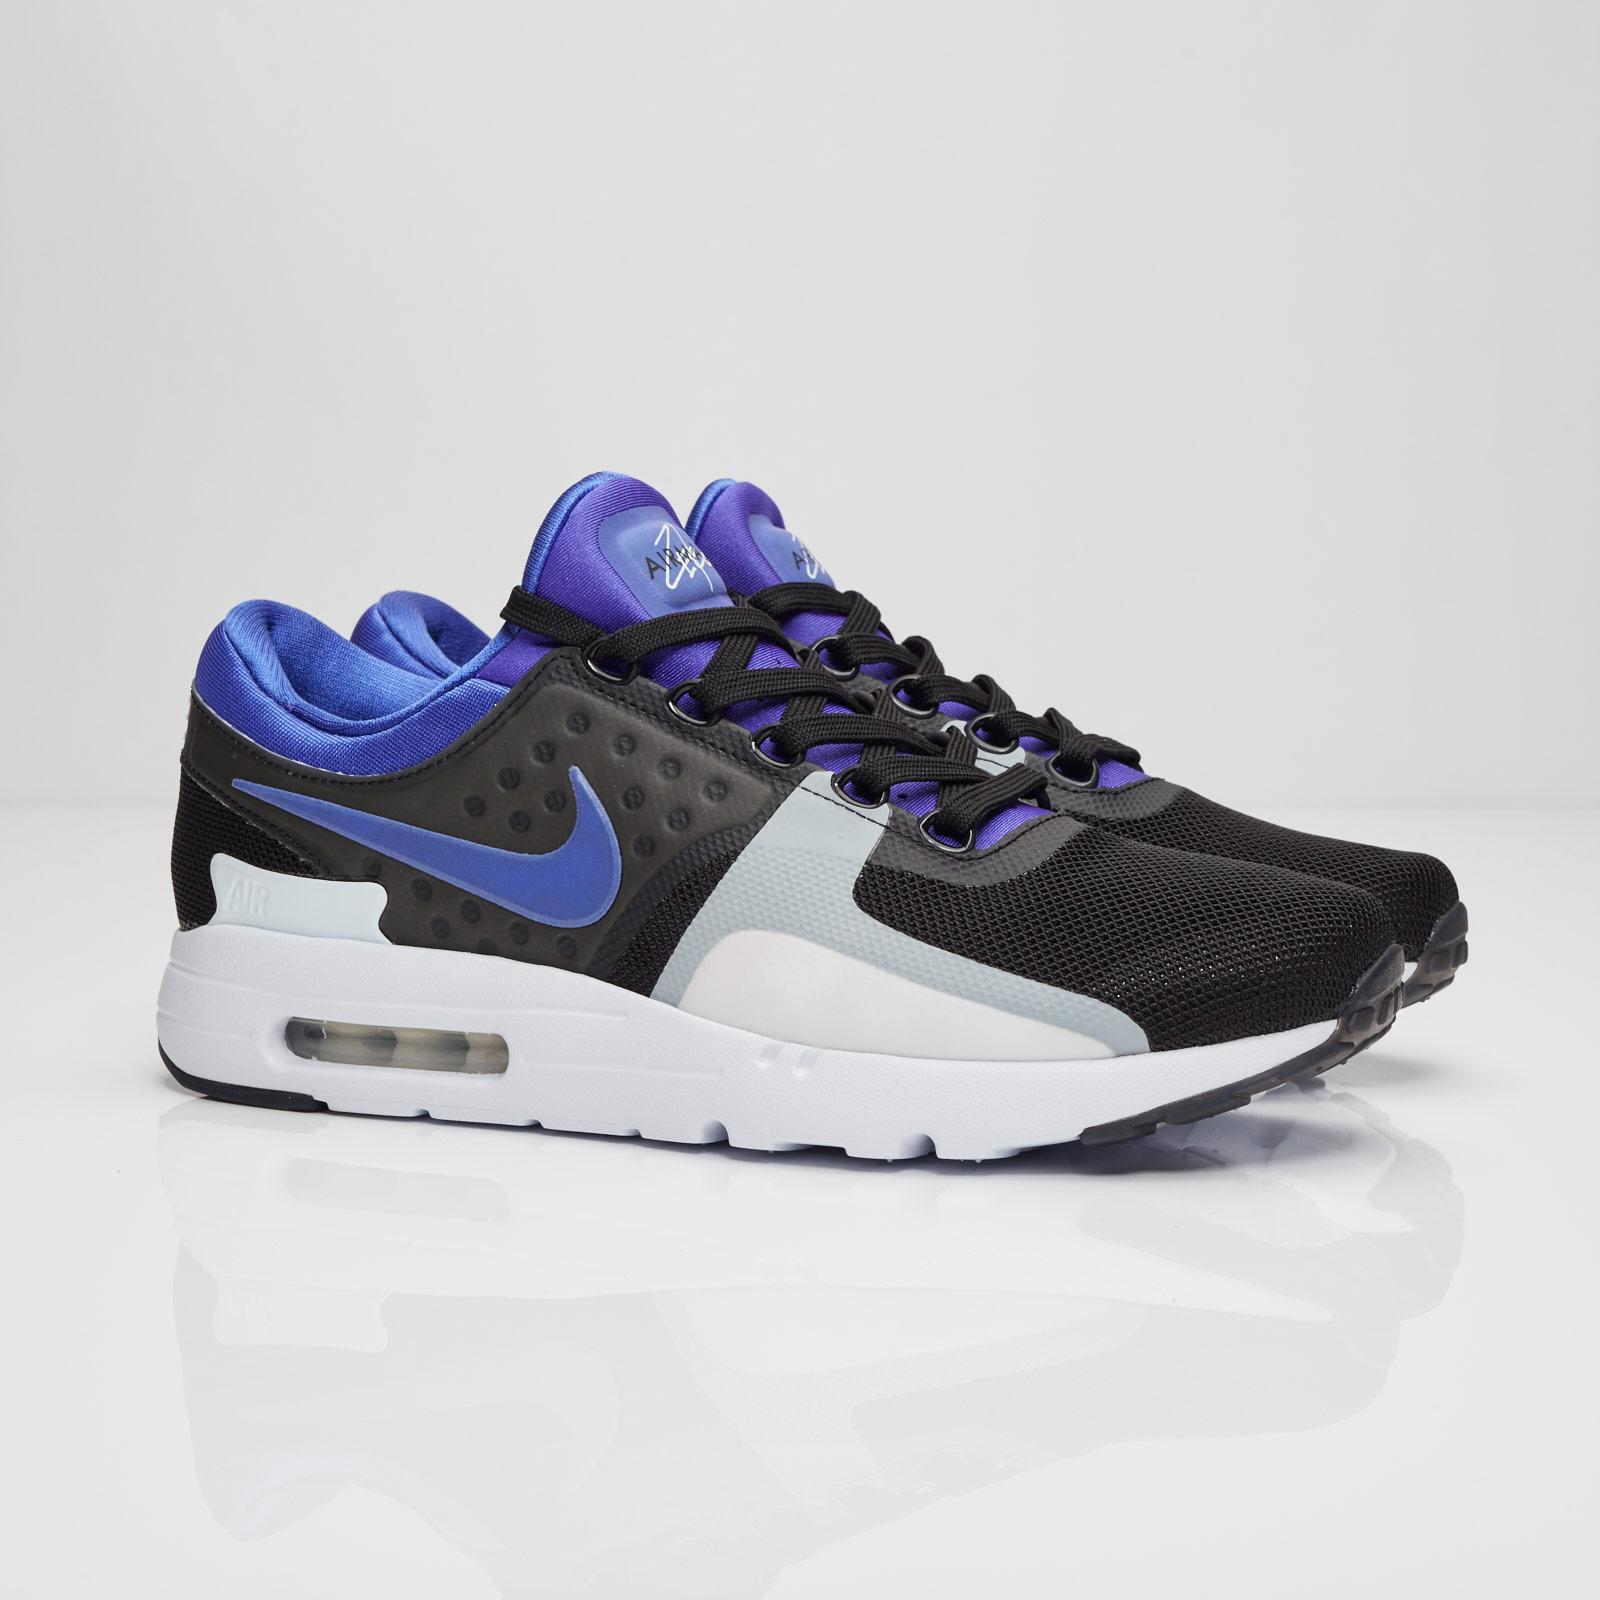 5fbe007d3e08 Nike Air Max Zero QS - 789695-004 - Sneakersnstuff